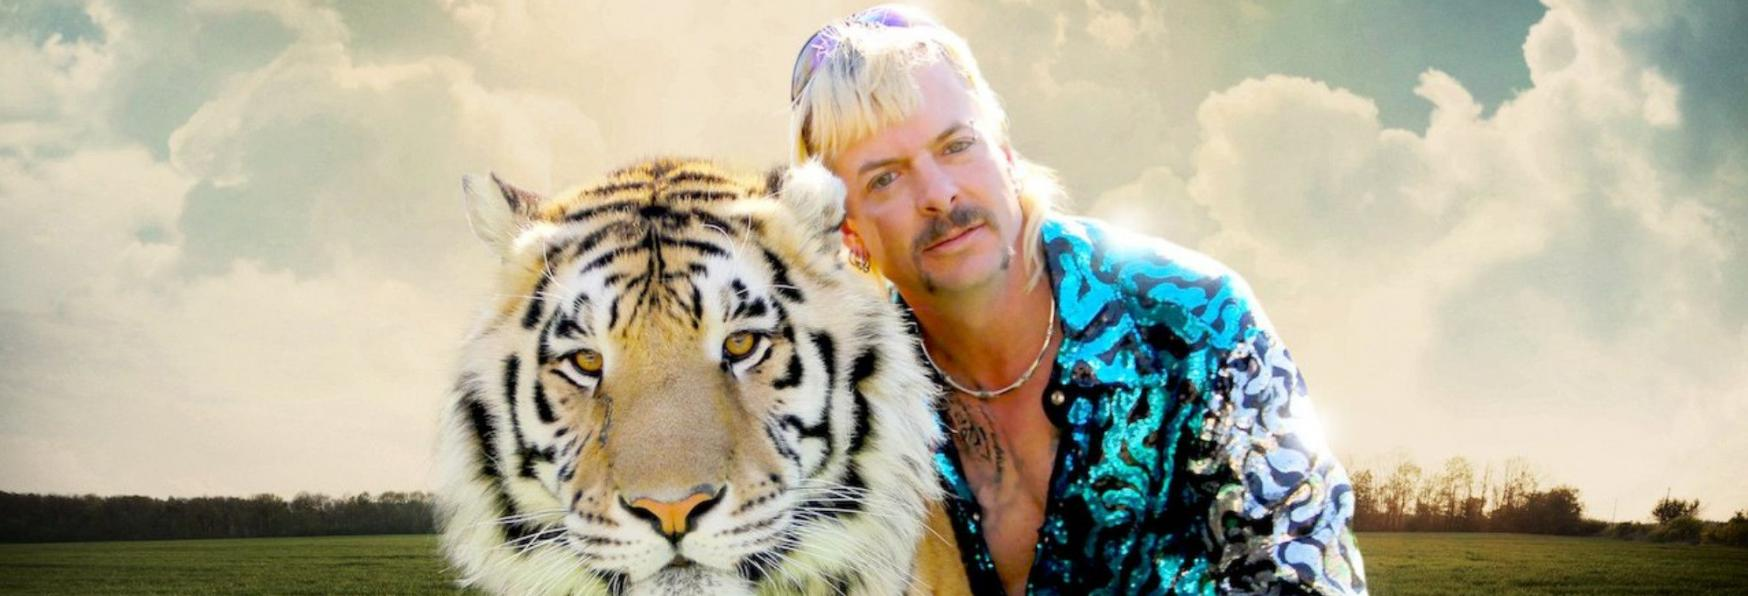 Tiger King 2 ci sarà! Netflix annuncia il Rinnovo Ufficiale della Docu-Serie